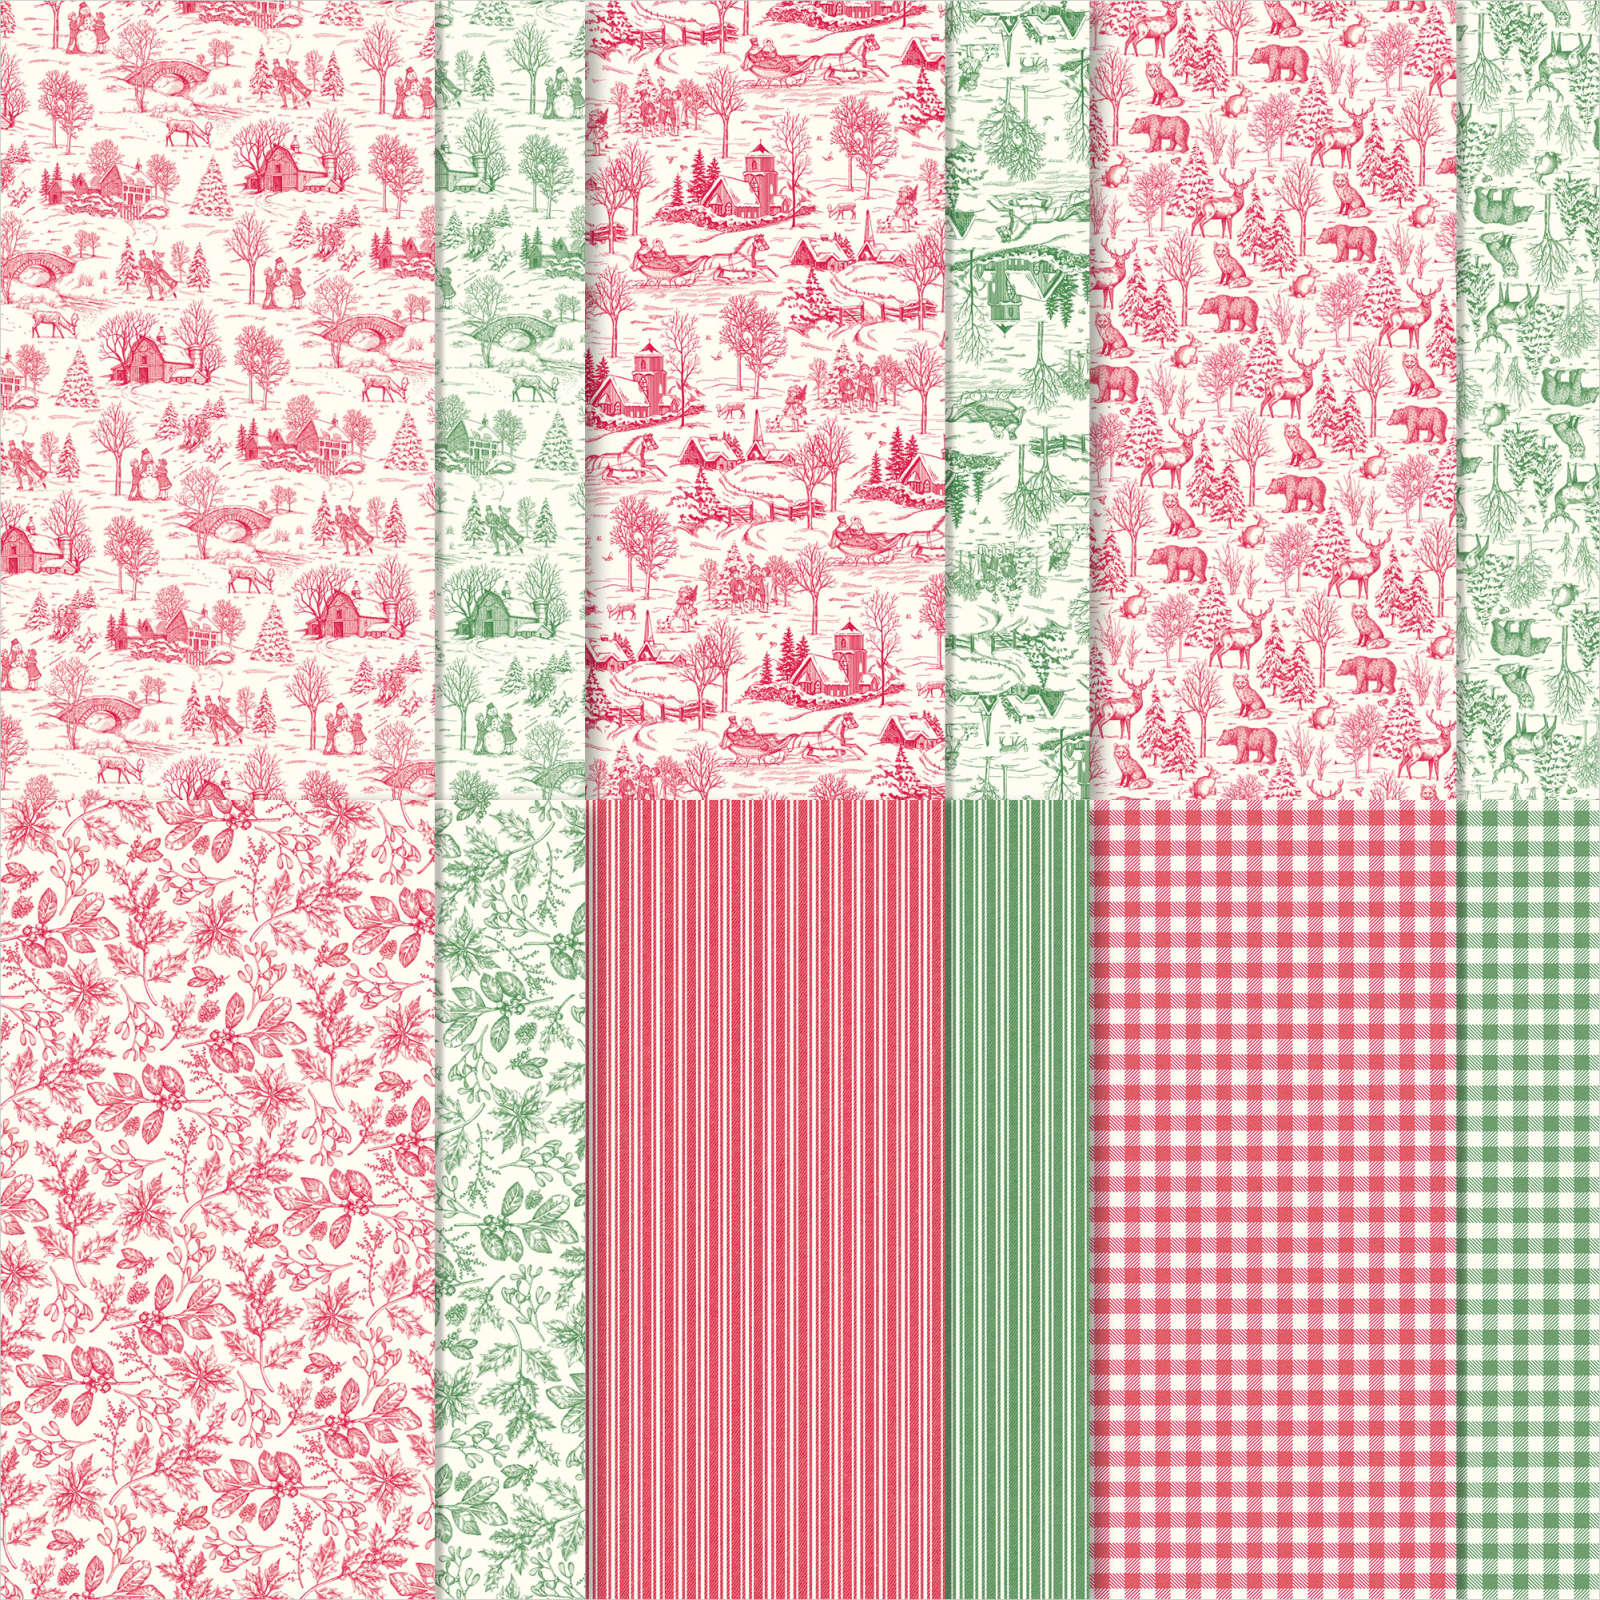 https://www.stampinup.fr/products/papier-de-la-série-design-toile-traditionnelle?demoid=5017343